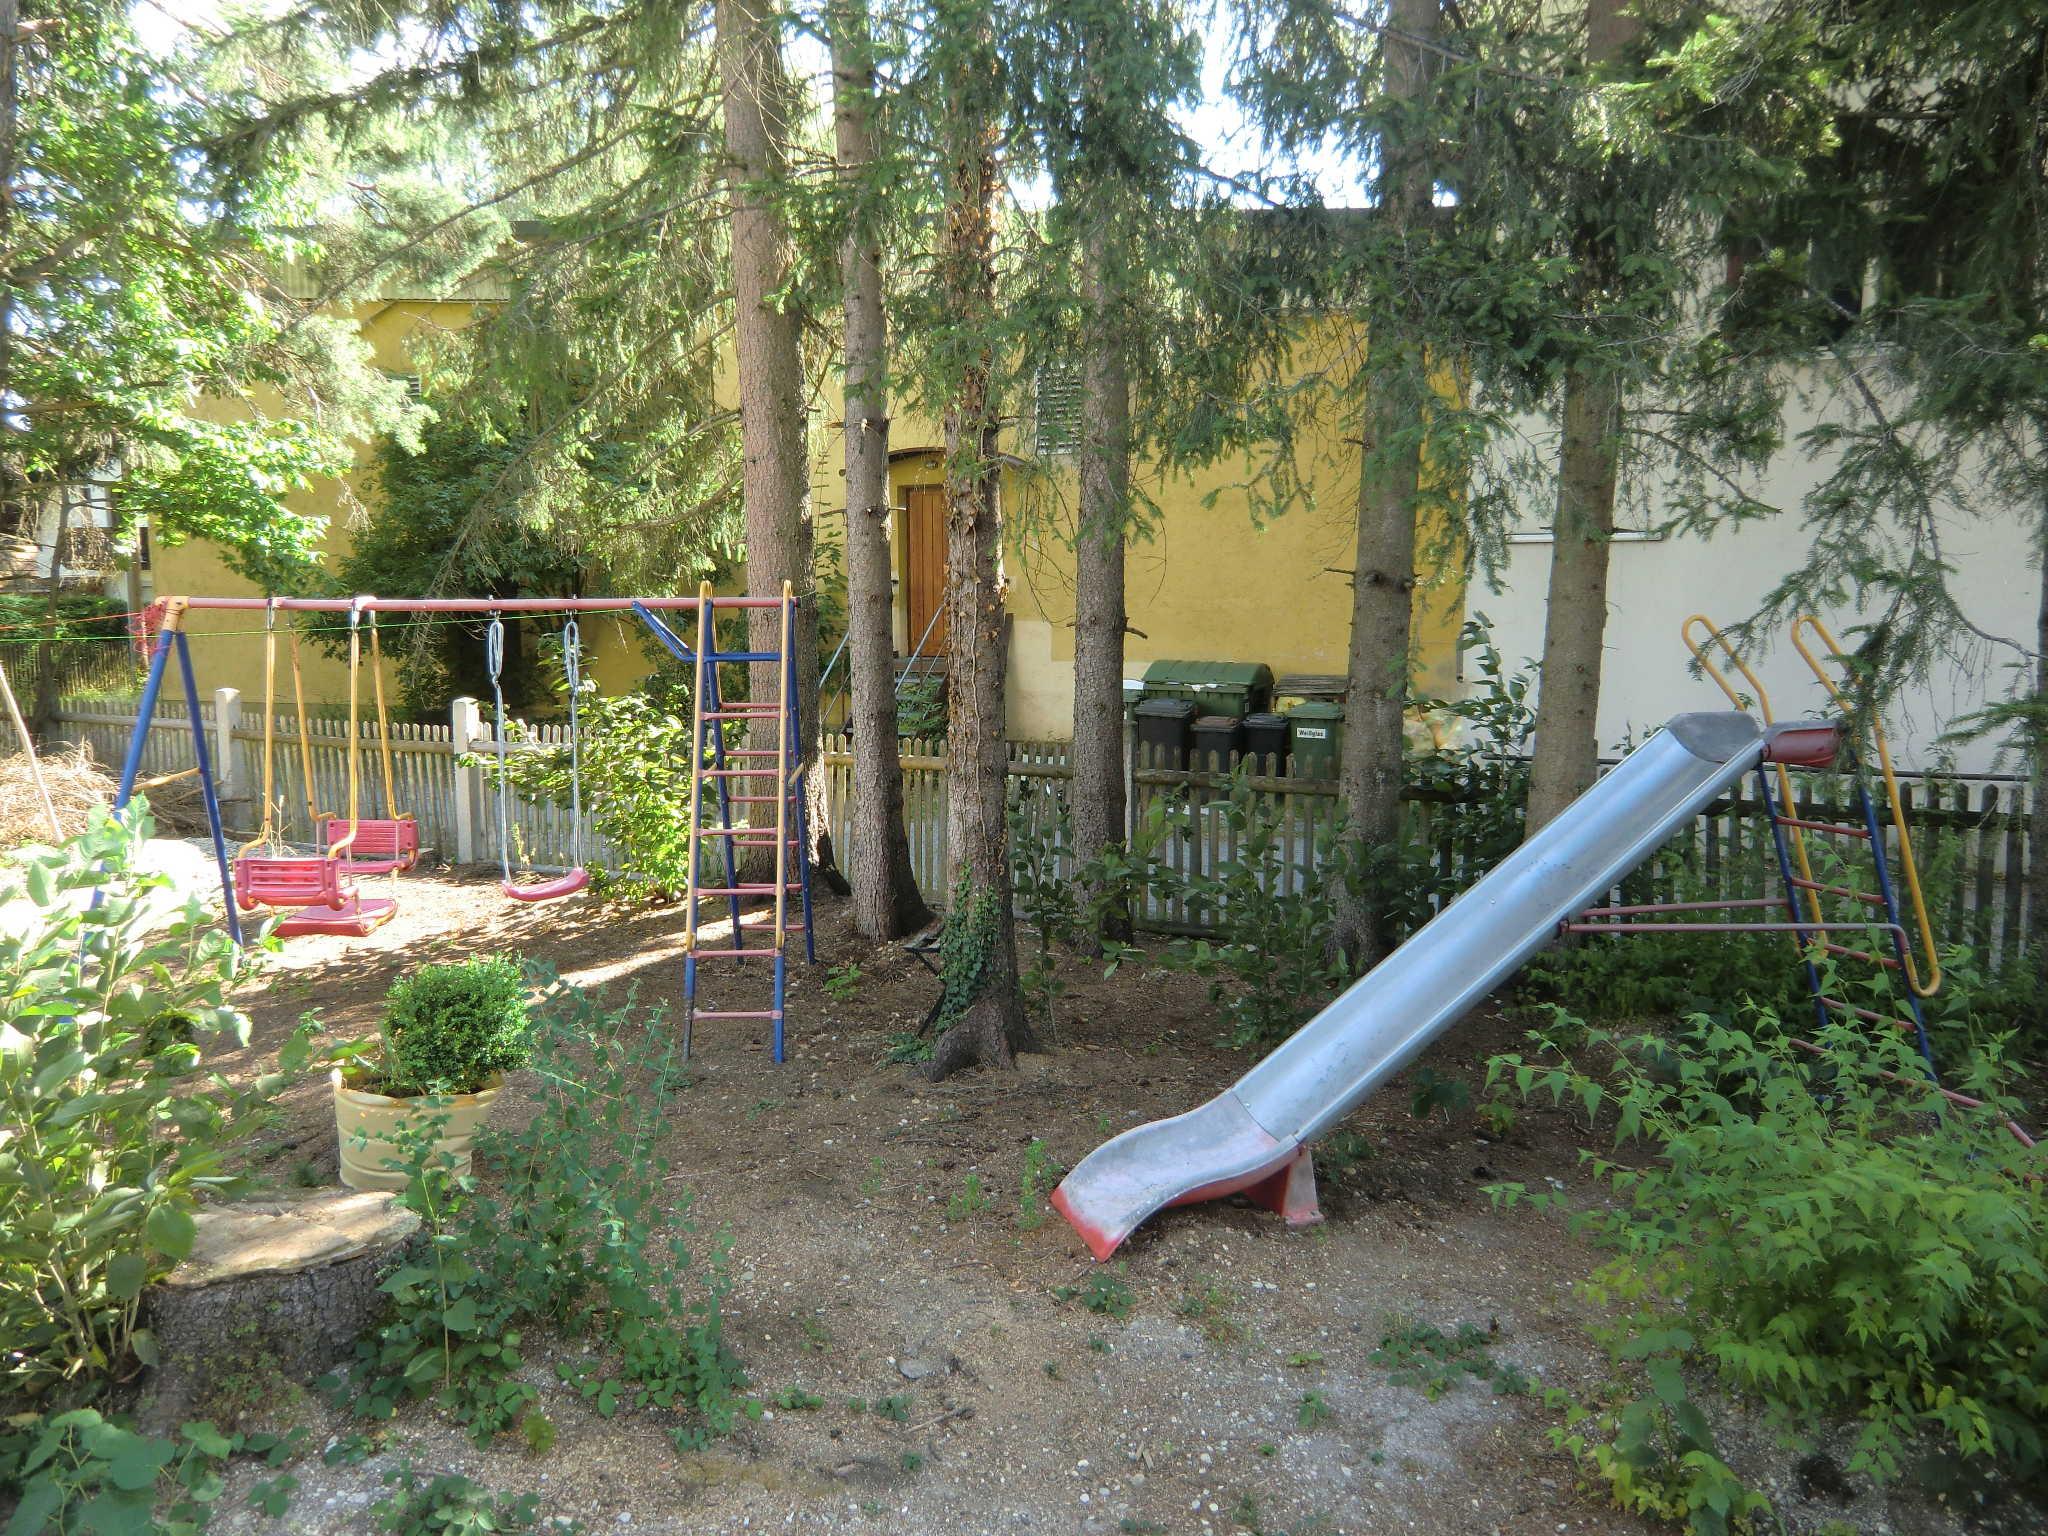 Spielgelegenheit f�r Kinder im Garten